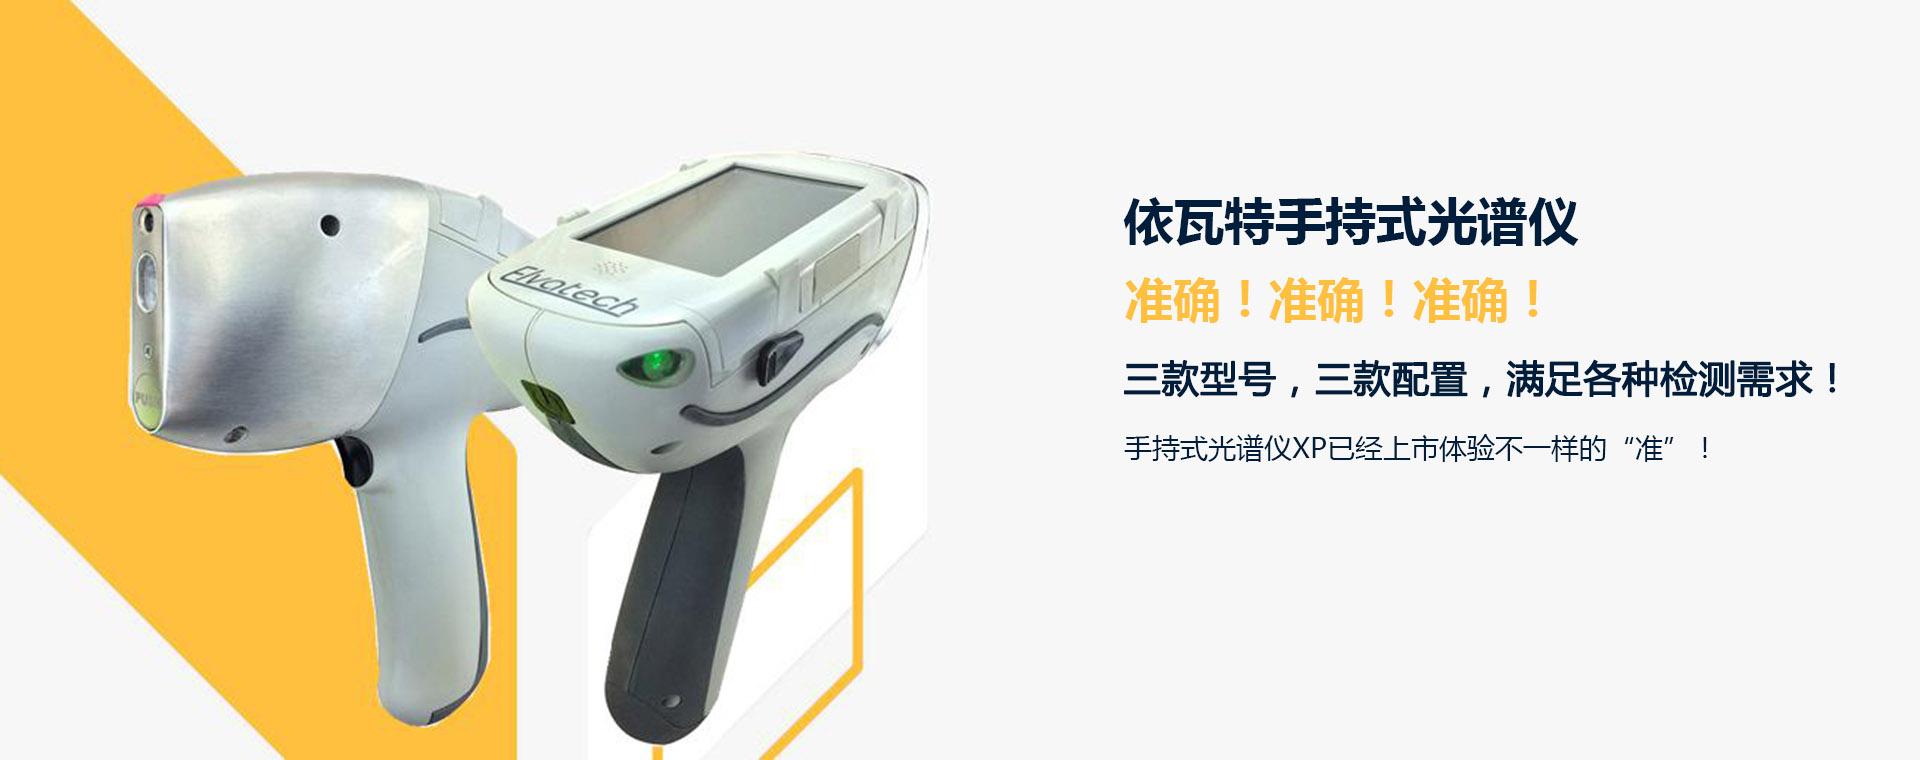 江苏力彩科技有限公司